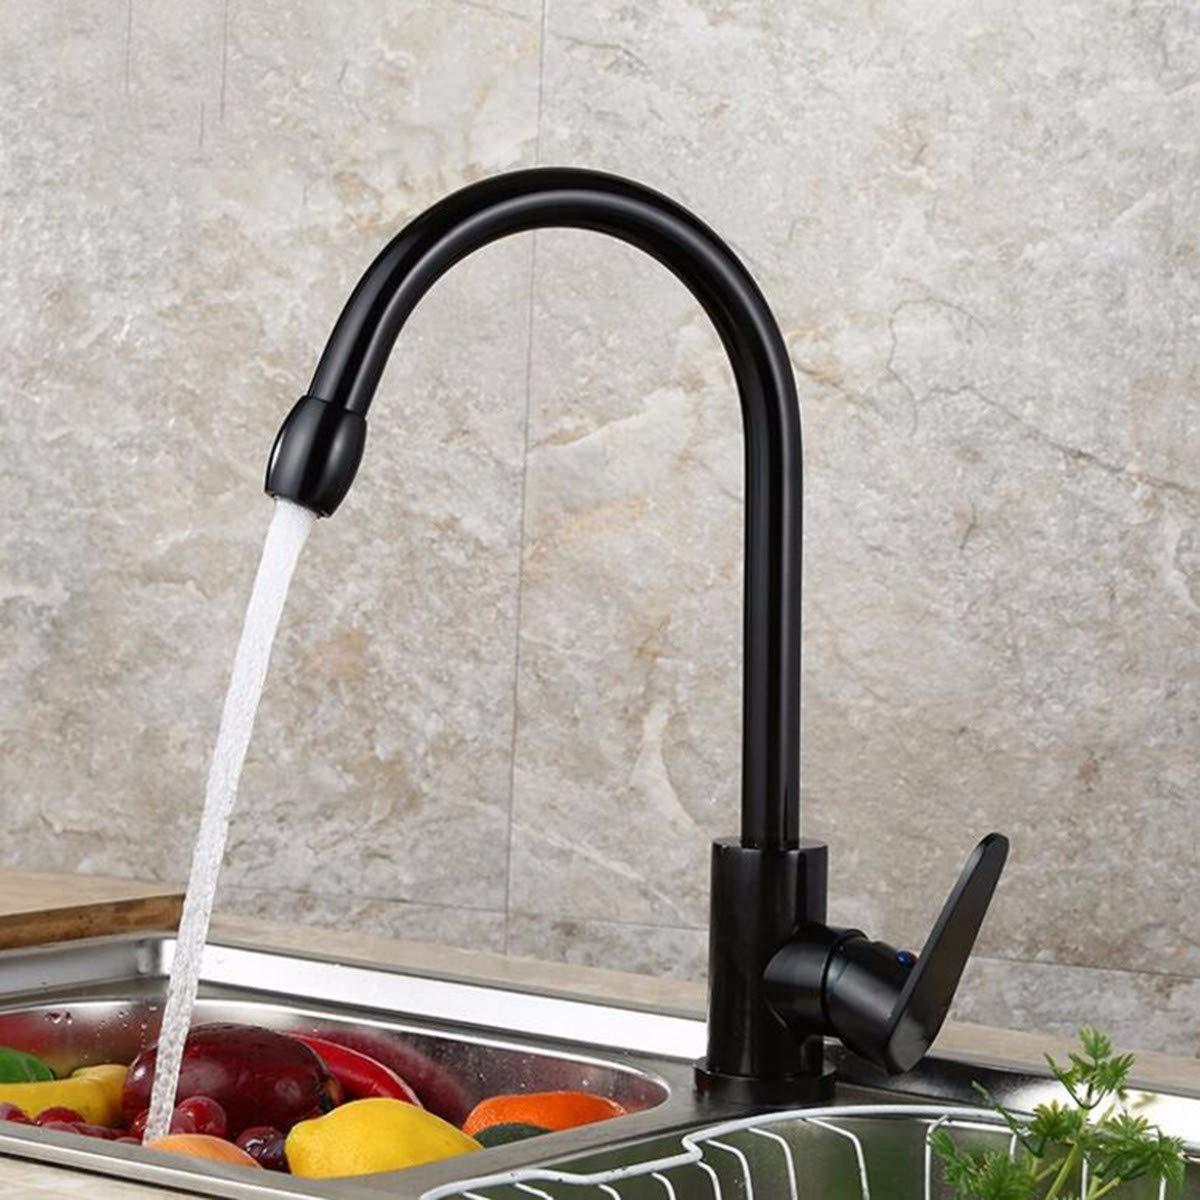 Kitchen Faucet Space Aluminum Kitchen Wash Vegetable Basin Faucet Black Hot and Cold Faucet Faucet,A